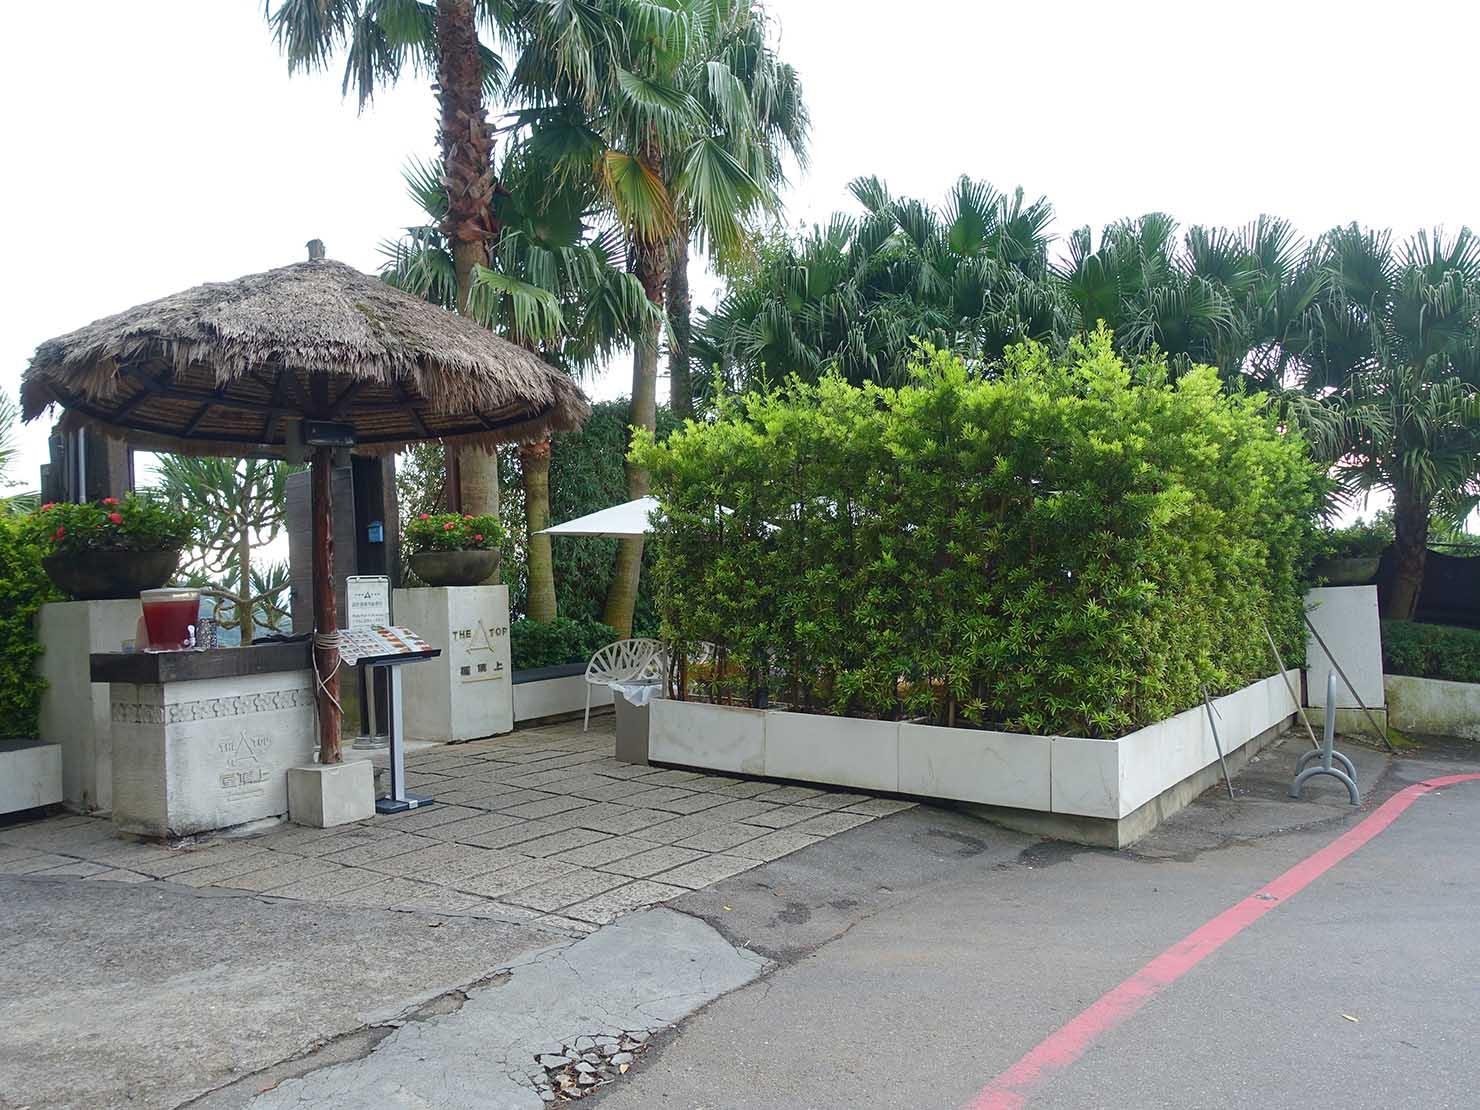 台北・陽明山のレストラン「草山夜未眠」へのアクセス(光華路61巷4弄の屋頂上前)